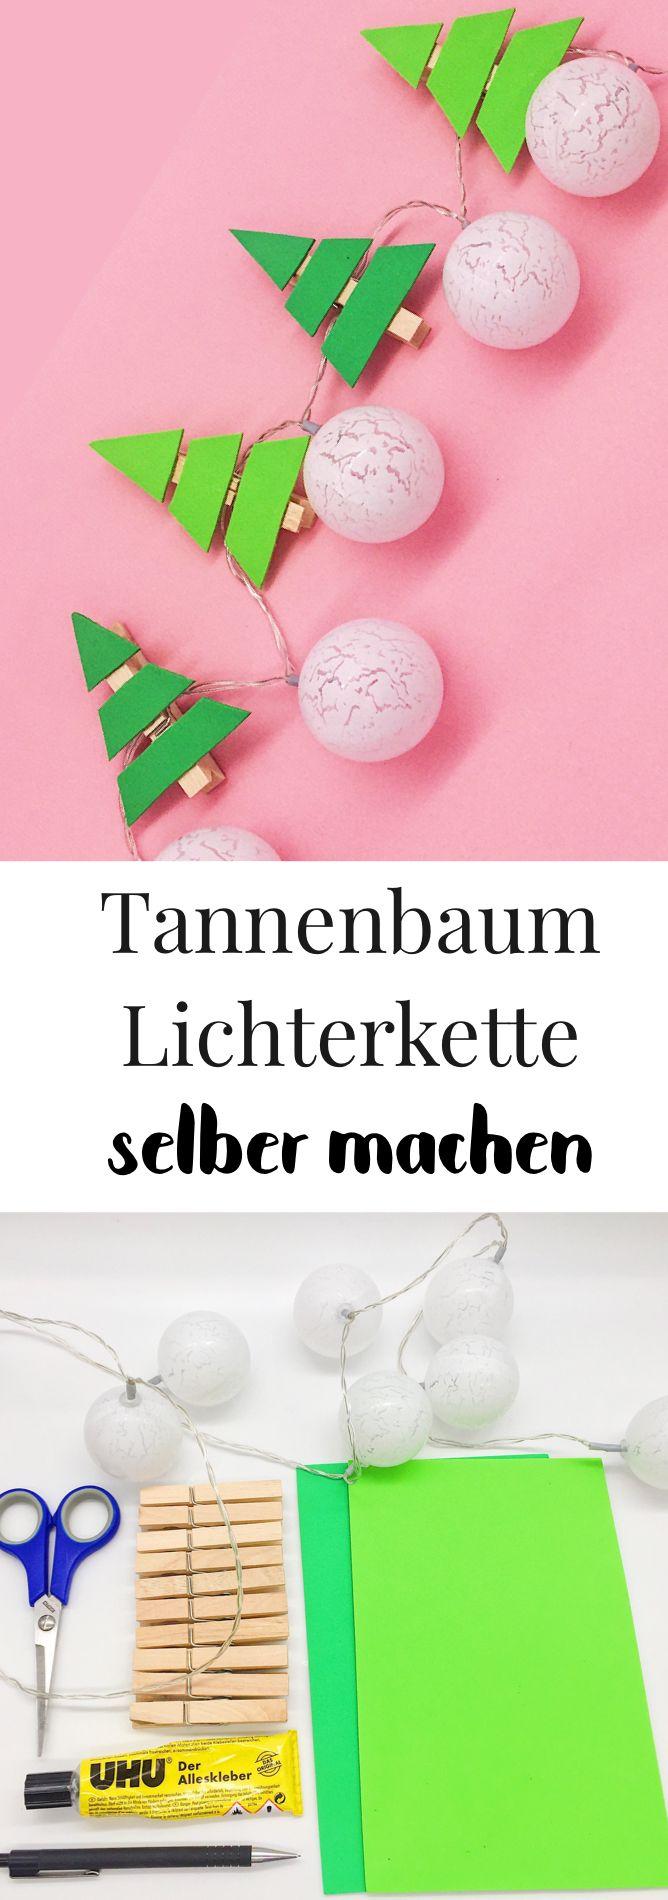 Weihnachtsdeko basteln – Lichterkette selber machen mit Tannenbäumen